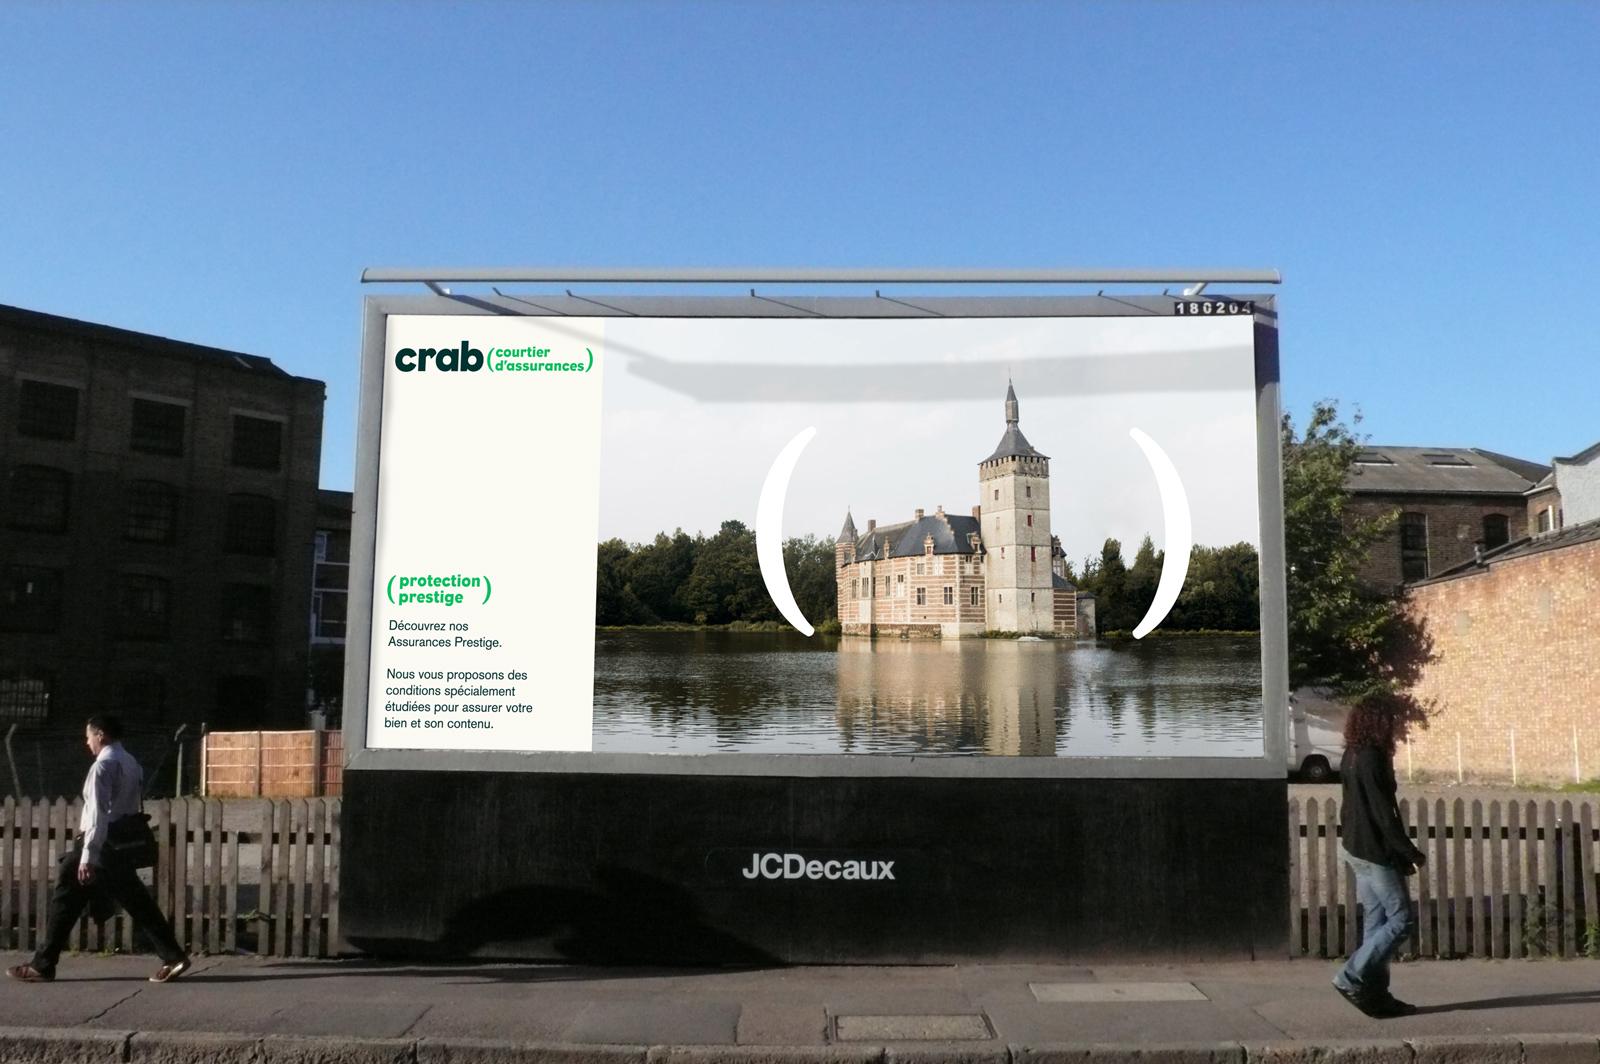 Vlevle-crab-assurances-billboard-2.jpg